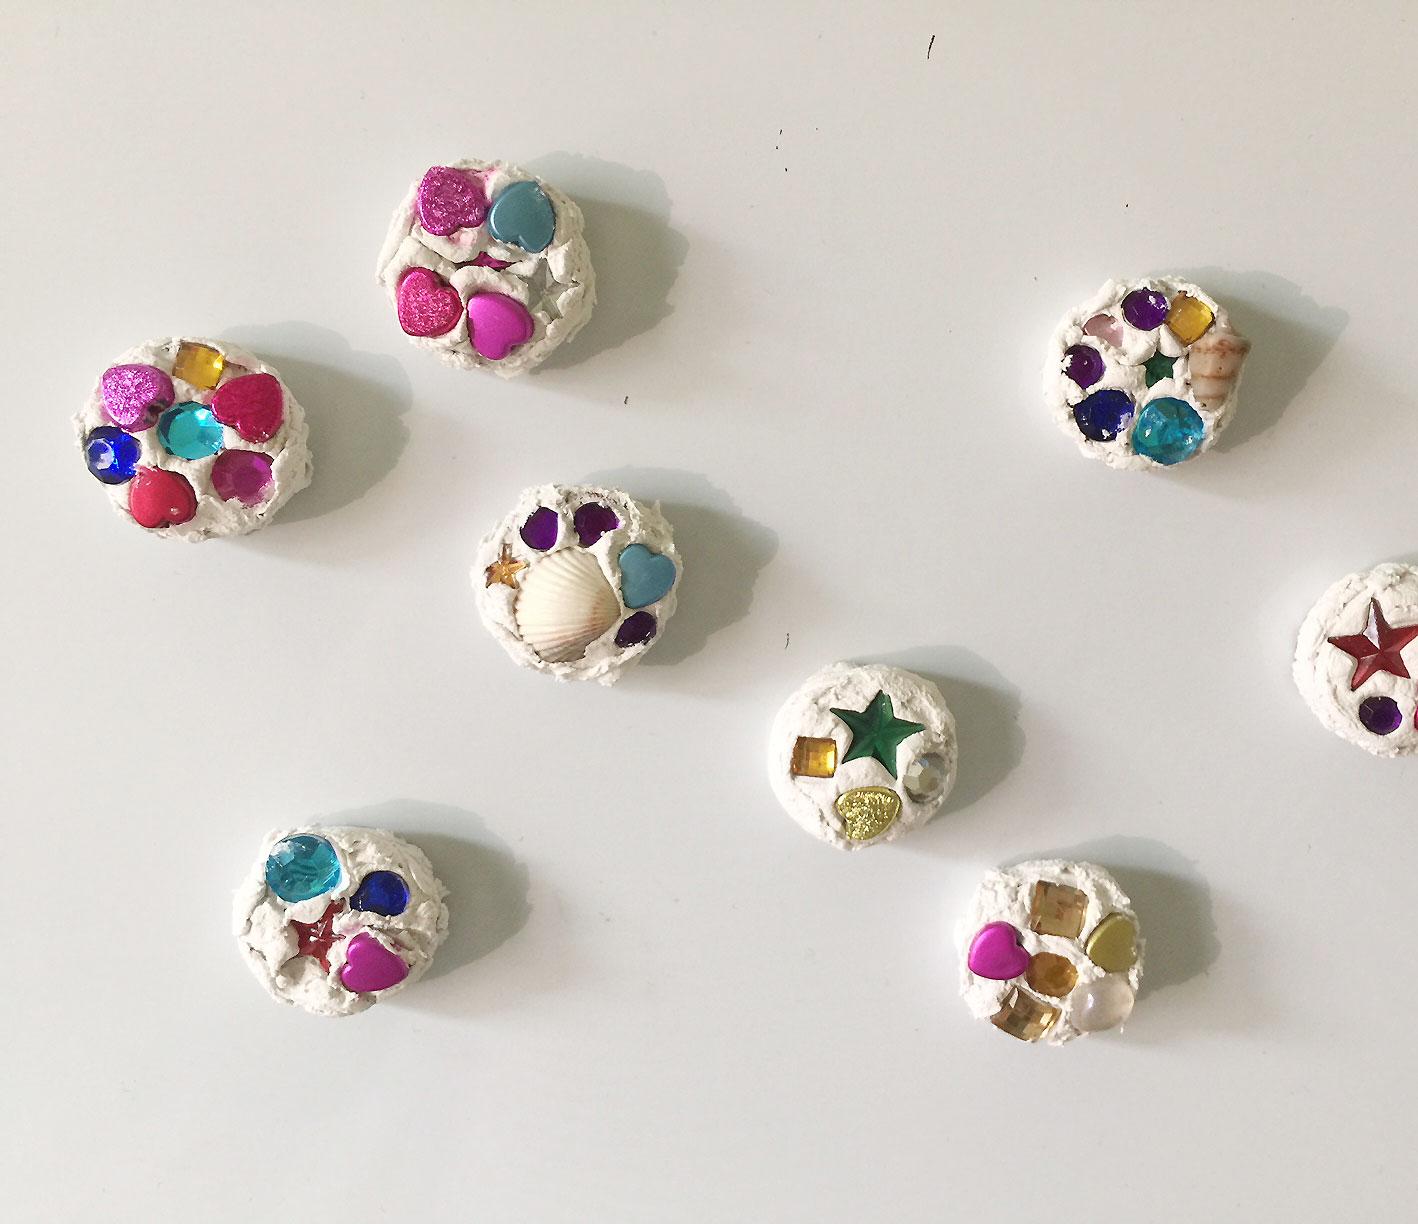 Weihnachtsgeschenk Basteln Magnete Verzieren Famigros